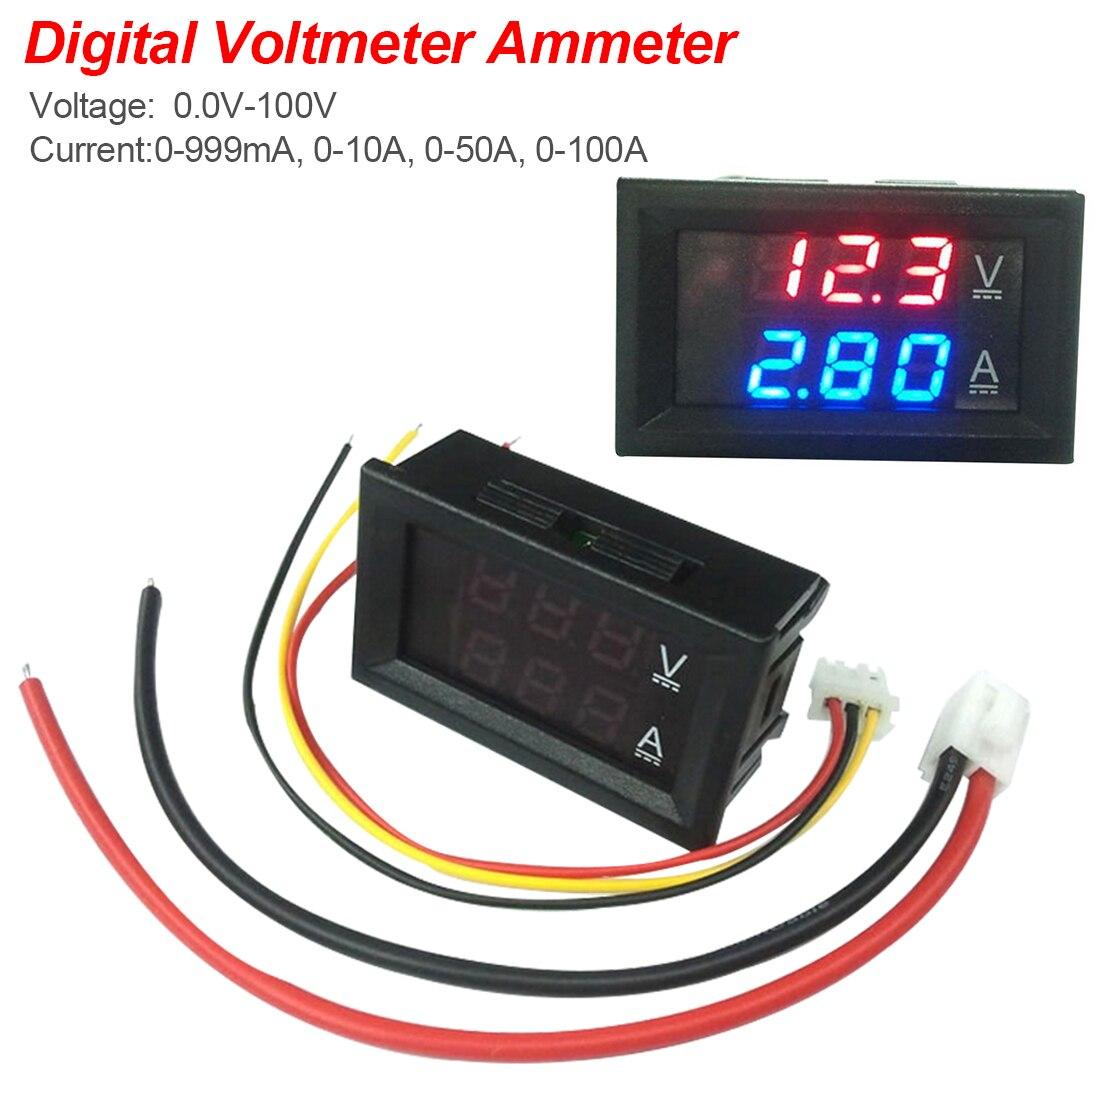 DC 100V 10A Voltmeter Ammeter Blue + Red LED Amp Dual Digital Volt Meter Gauge Current Meter Tester